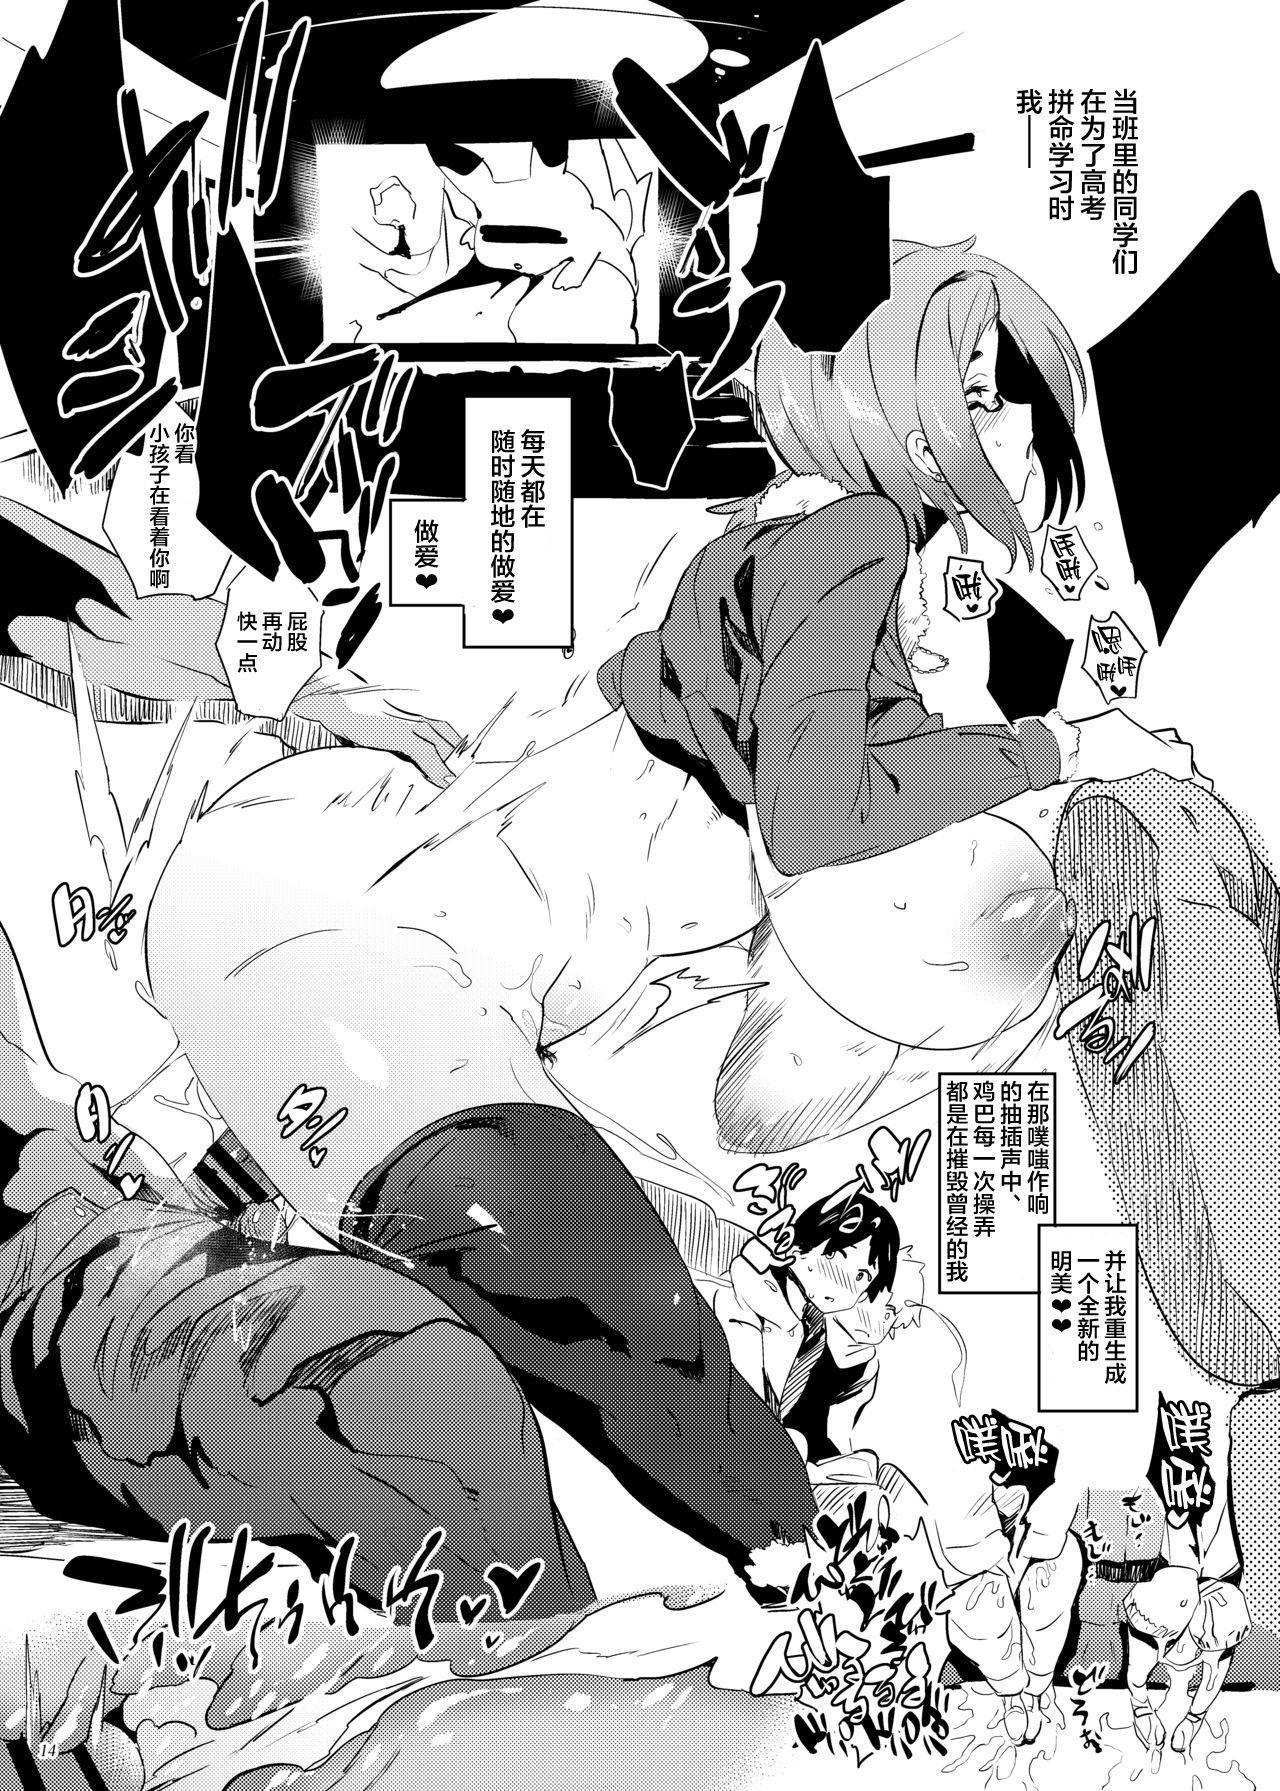 Gokujou Kuso Zako Busu Mesu Manko 12